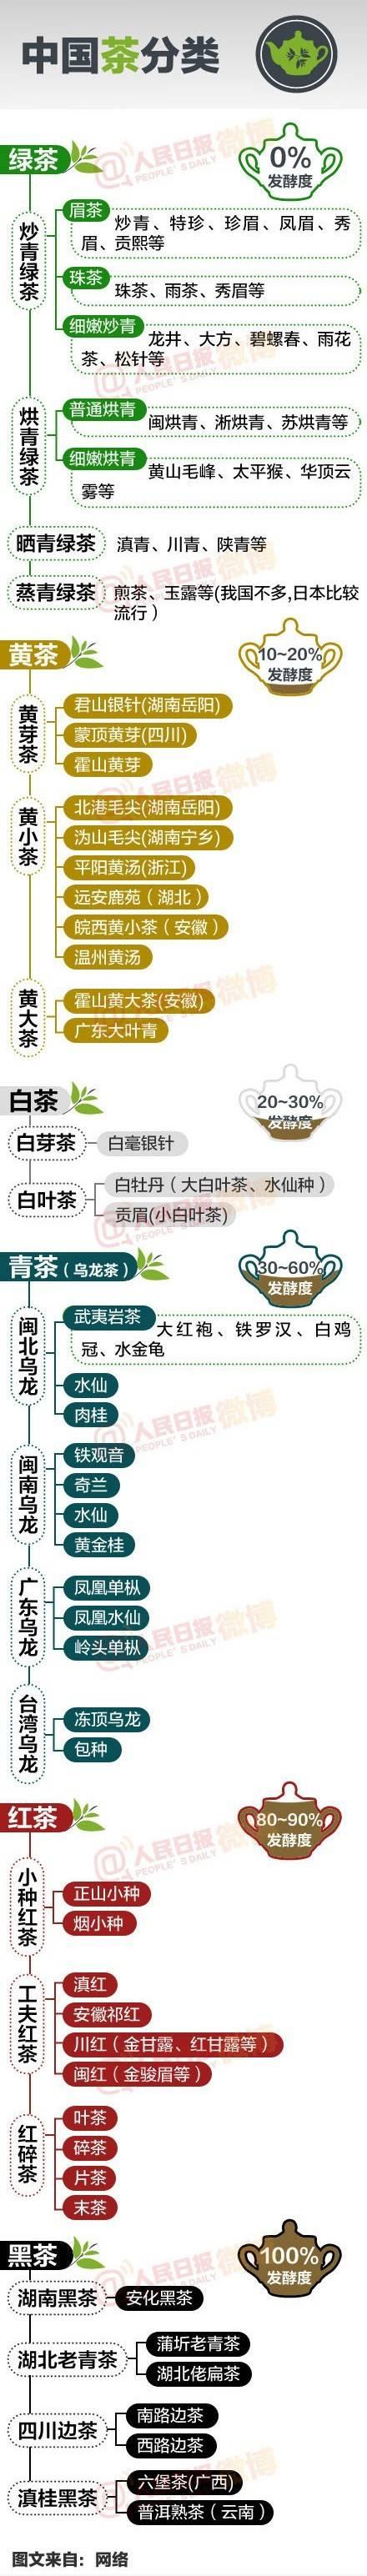 [转载]?一张图看懂中国所有茶叶(高端人士必备) - deng62995636 - 缤纷世界